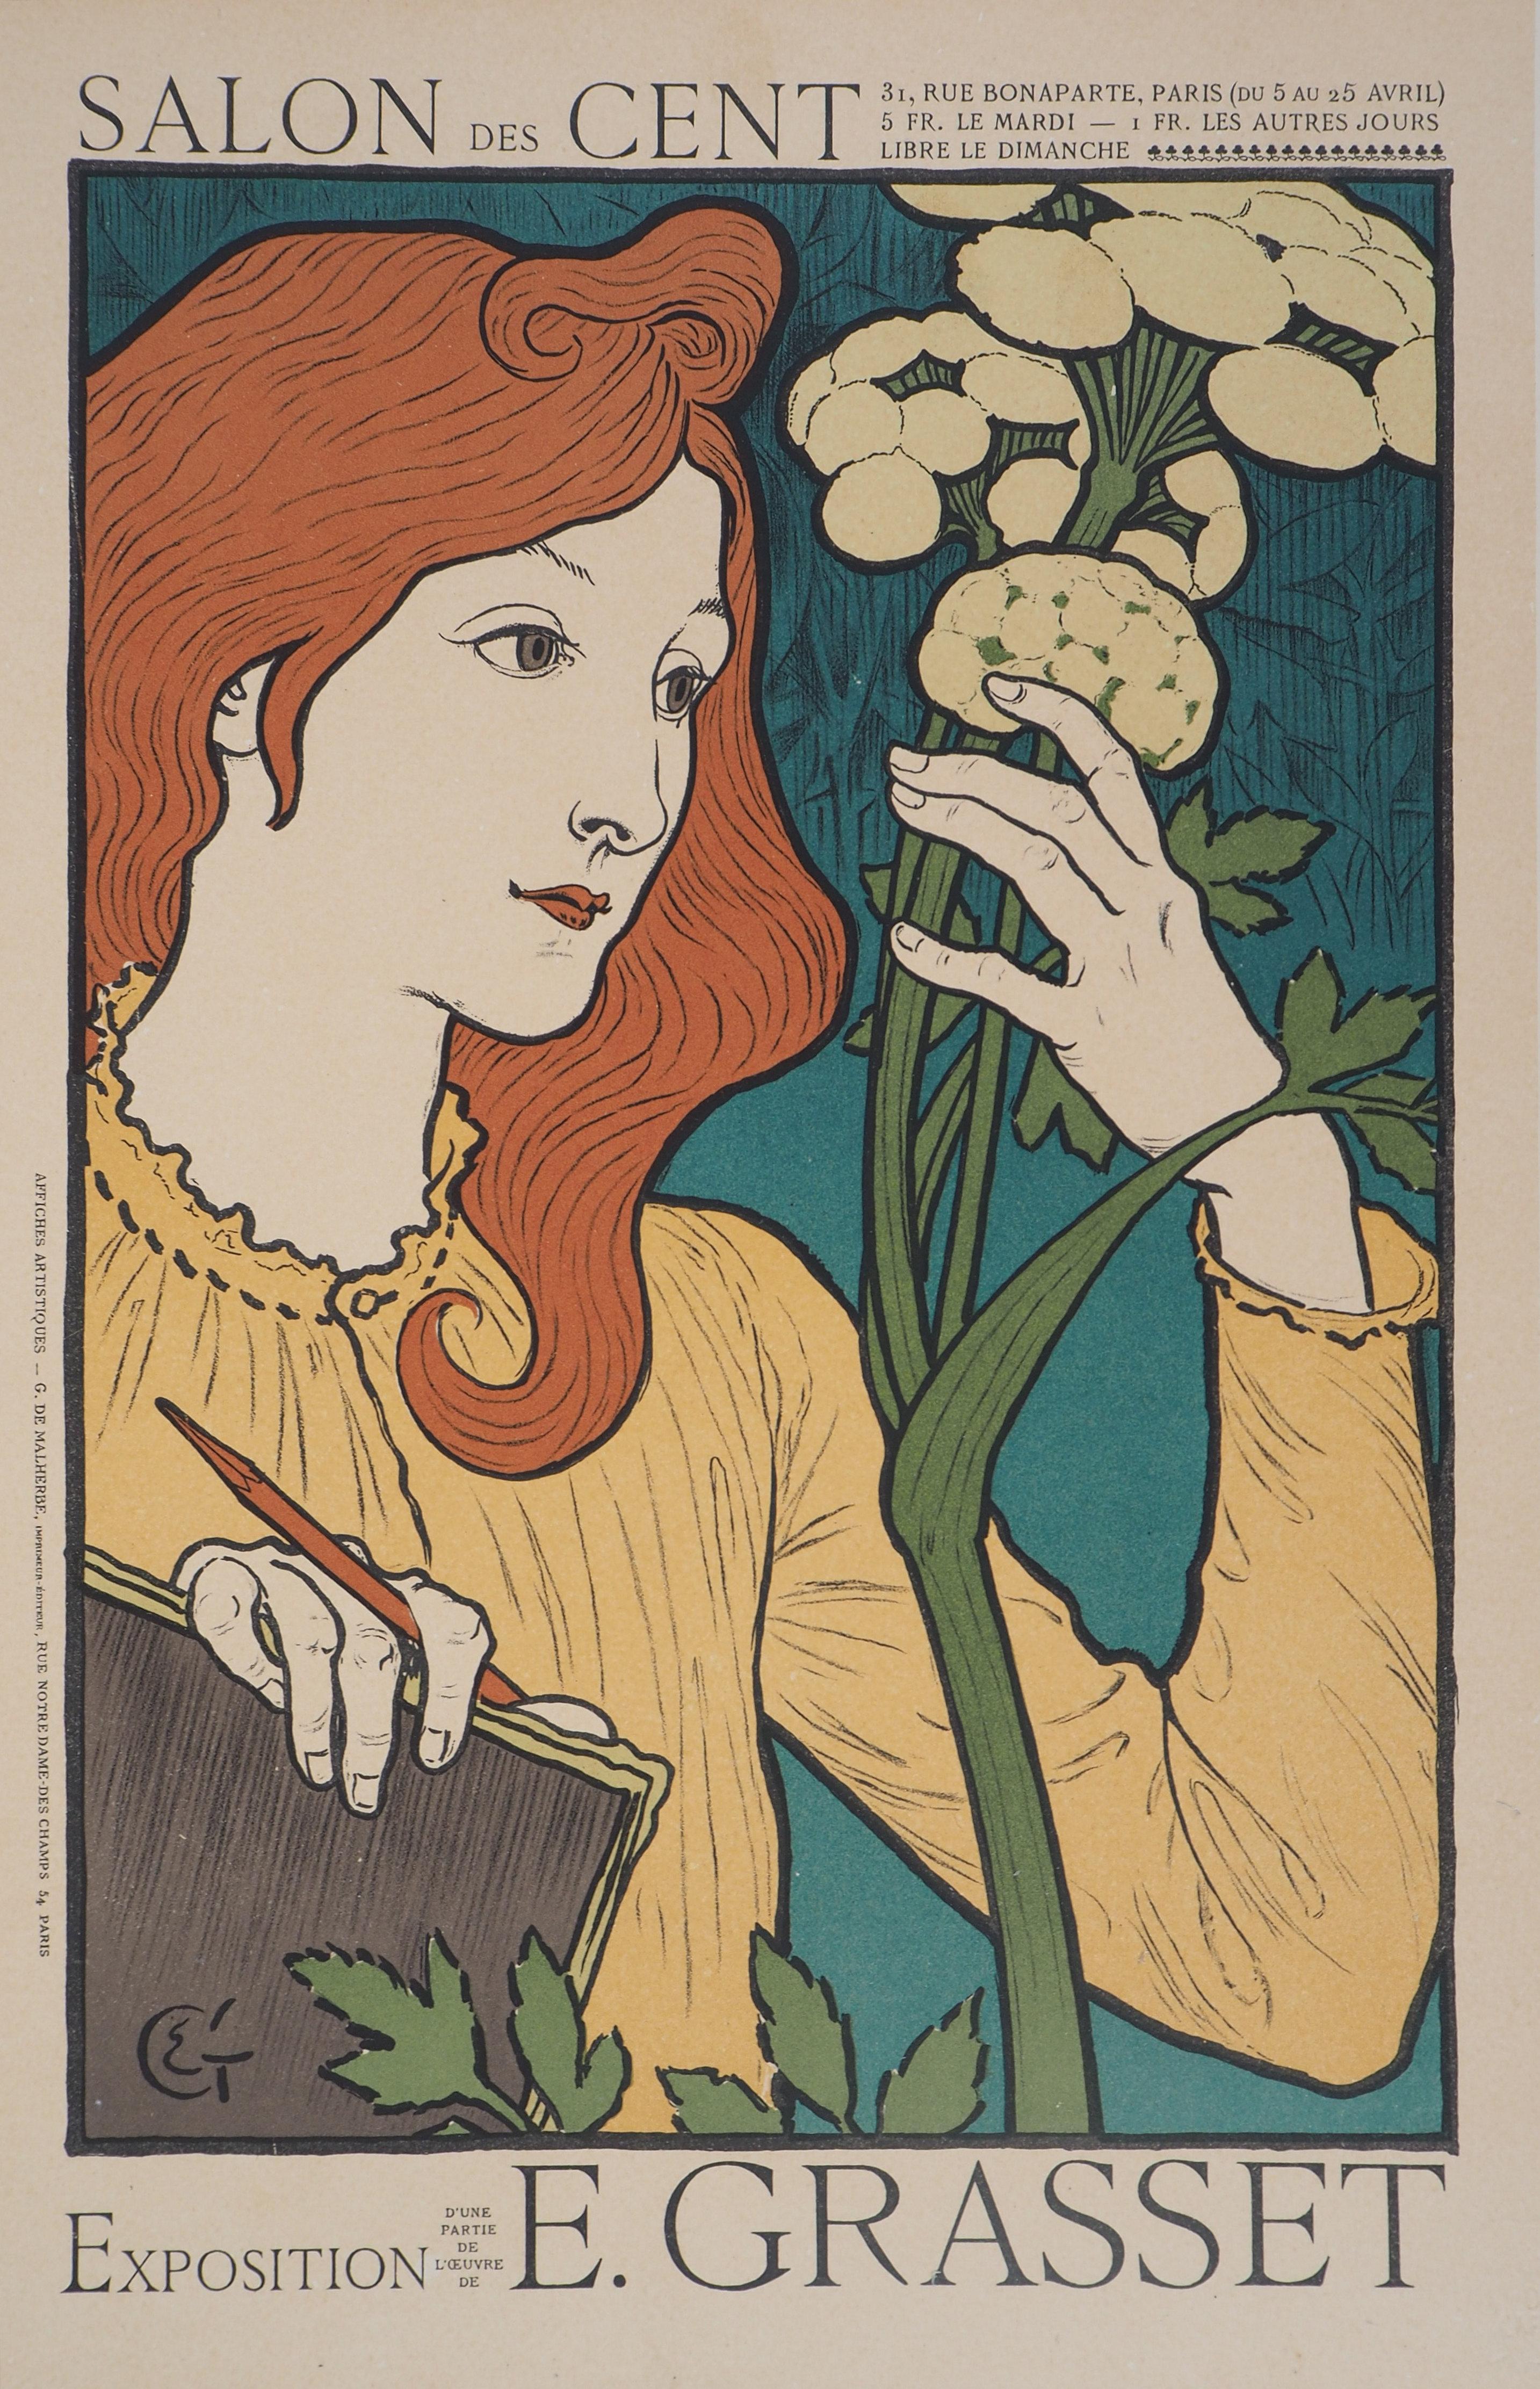 Woman with Flowers - Lithograph (Les Maîtres de l'Affiche), 1897